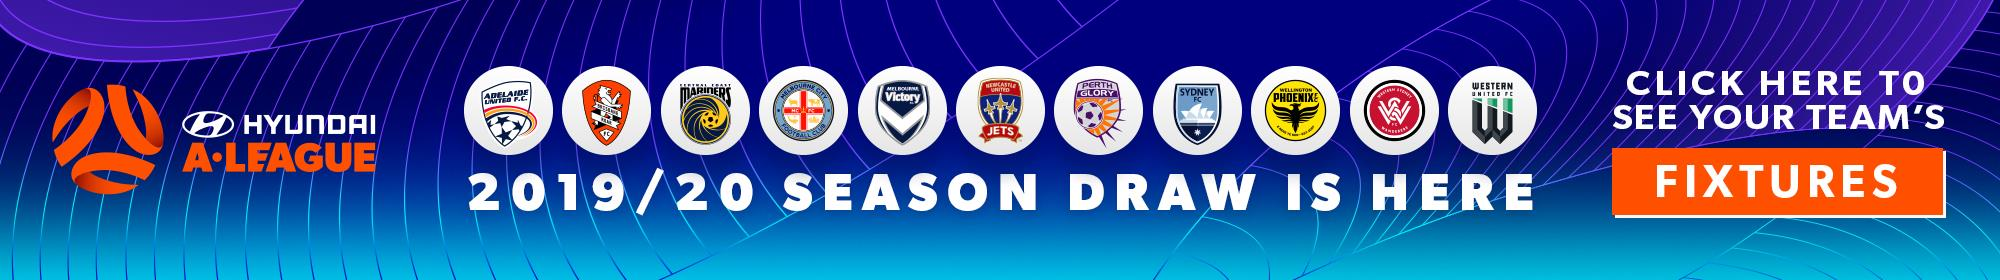 Season-Draw-201920